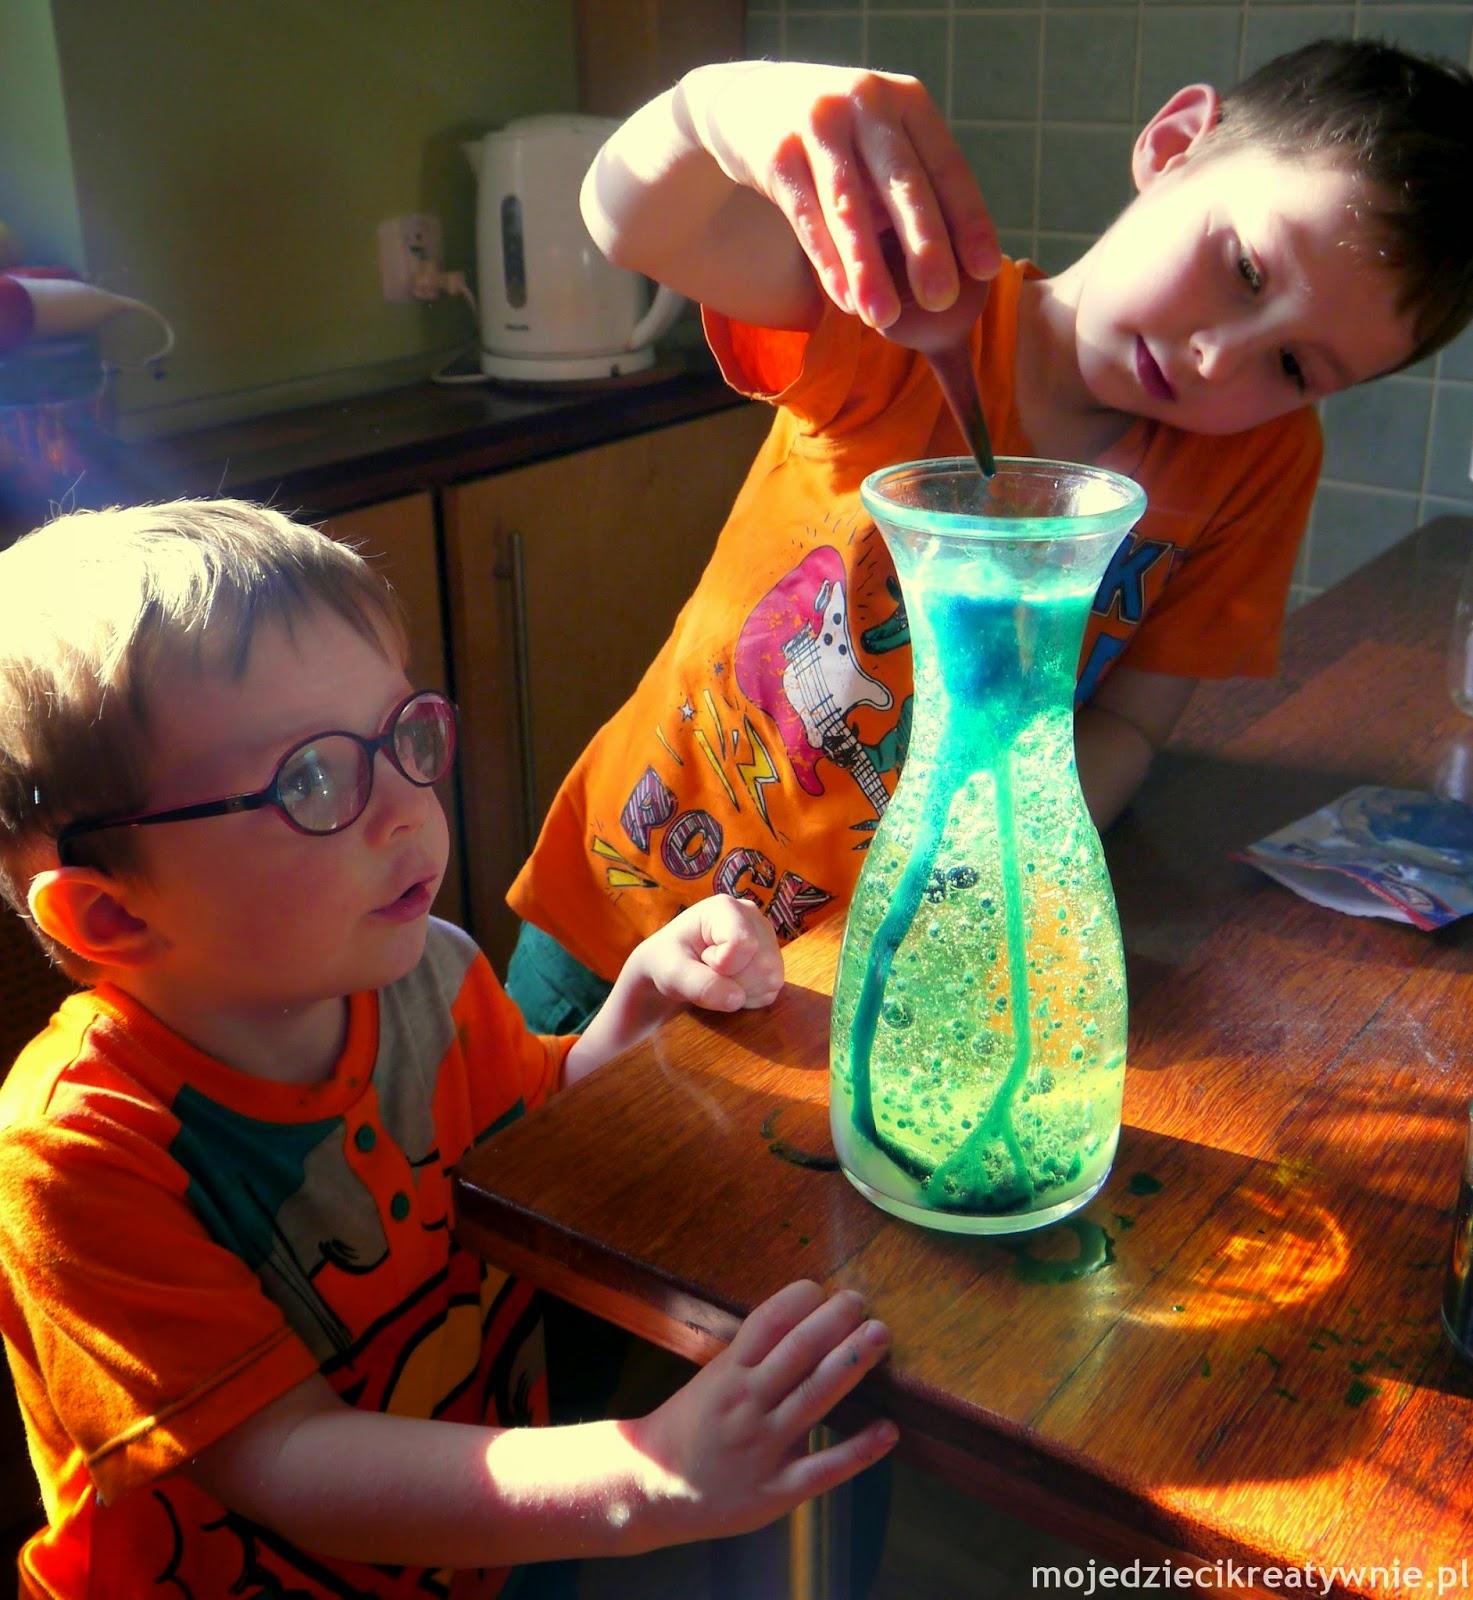 eksperymenty dla dzieci, doświadczenia w domu, kreatywne zabawy, ciekawe pomysły na eksperymenty dla dzieci